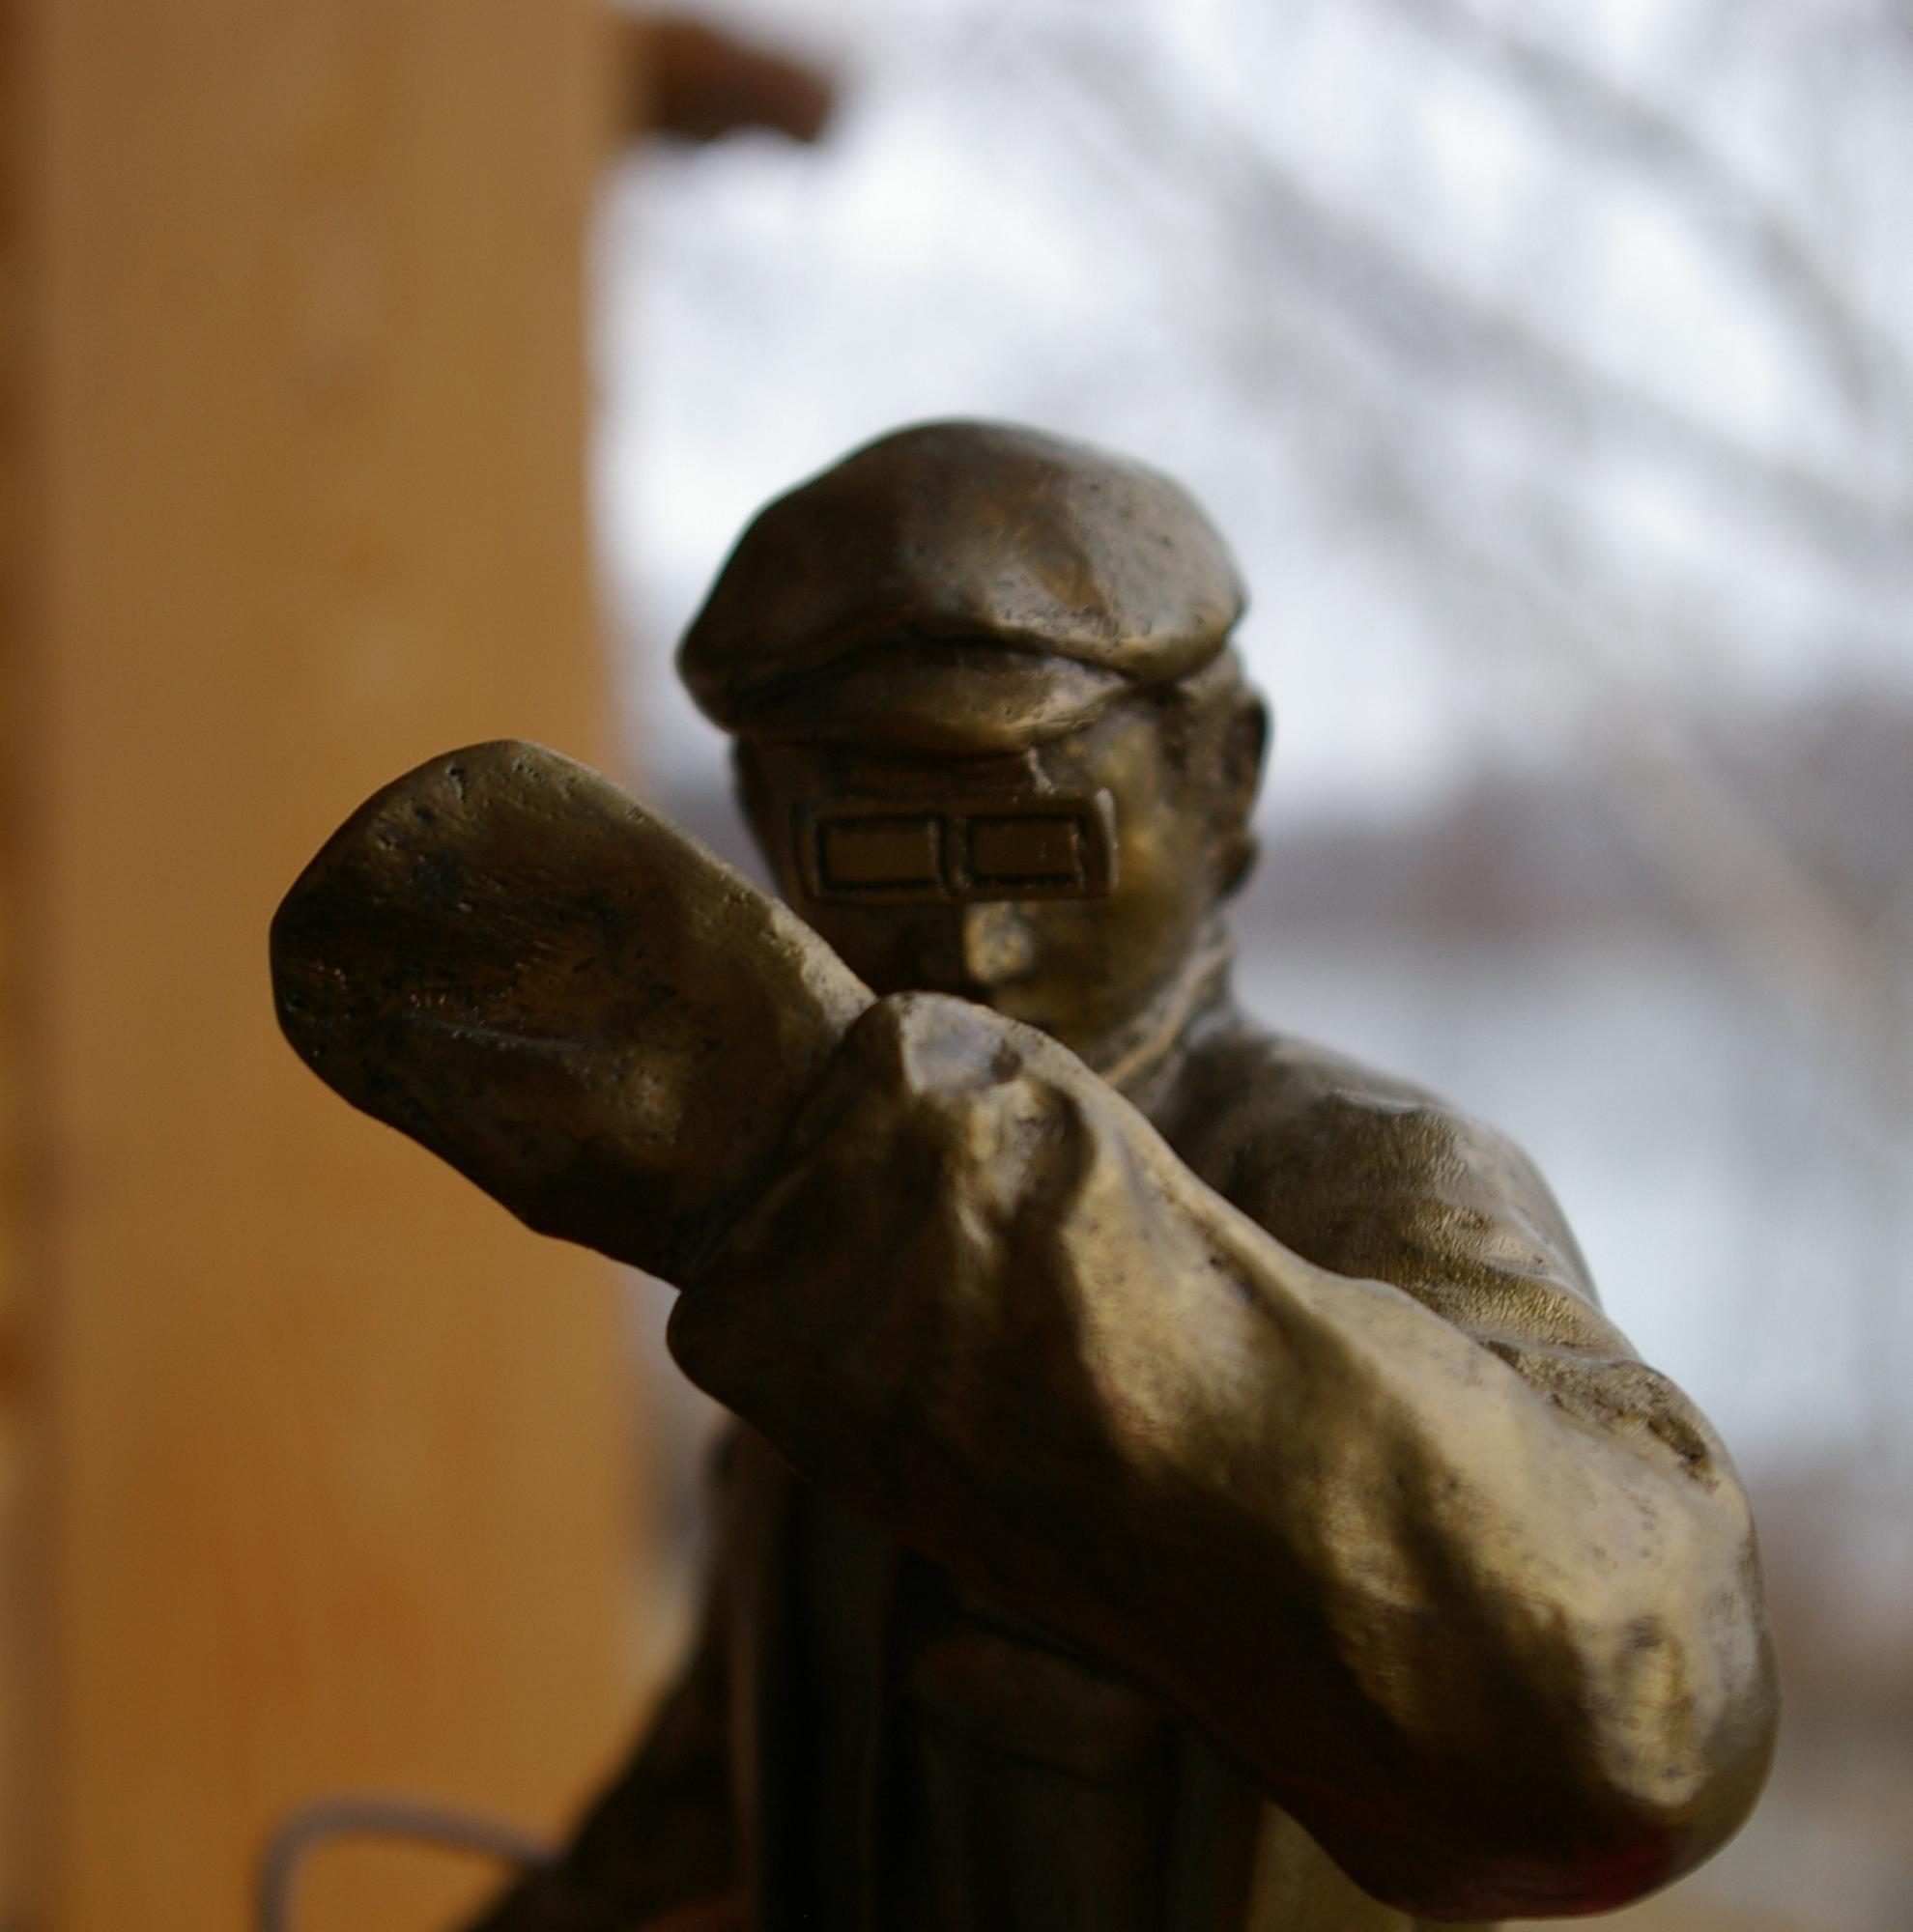 Скульптура Сталевар, материал бронза, высота 39 см., ширина 21 см., длина 9 см., 3 кг.,  - 7